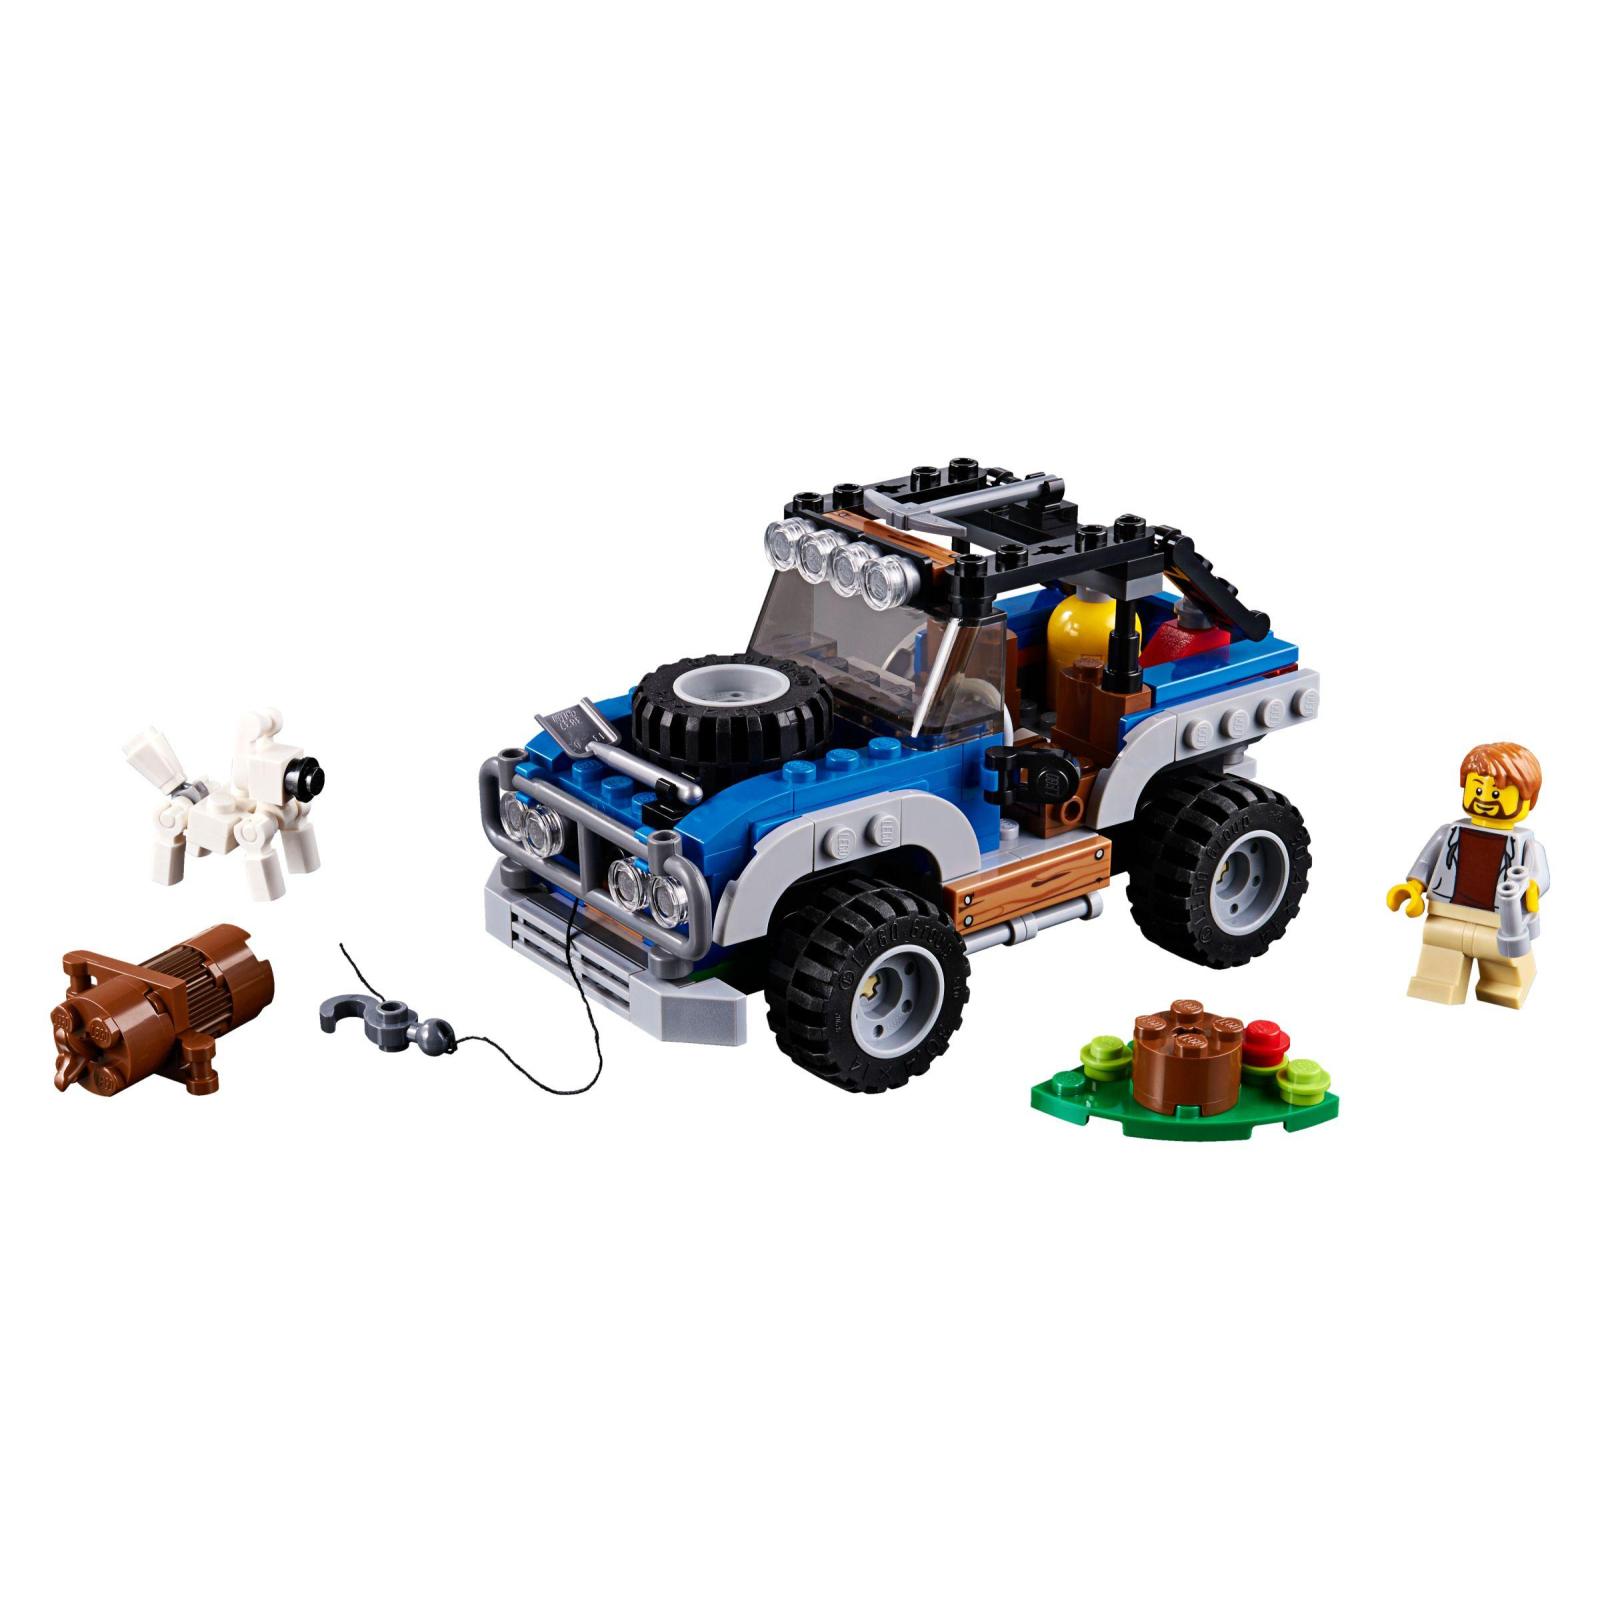 Конструктор LEGO Creator Приключения в глуши (31075) изображение 2